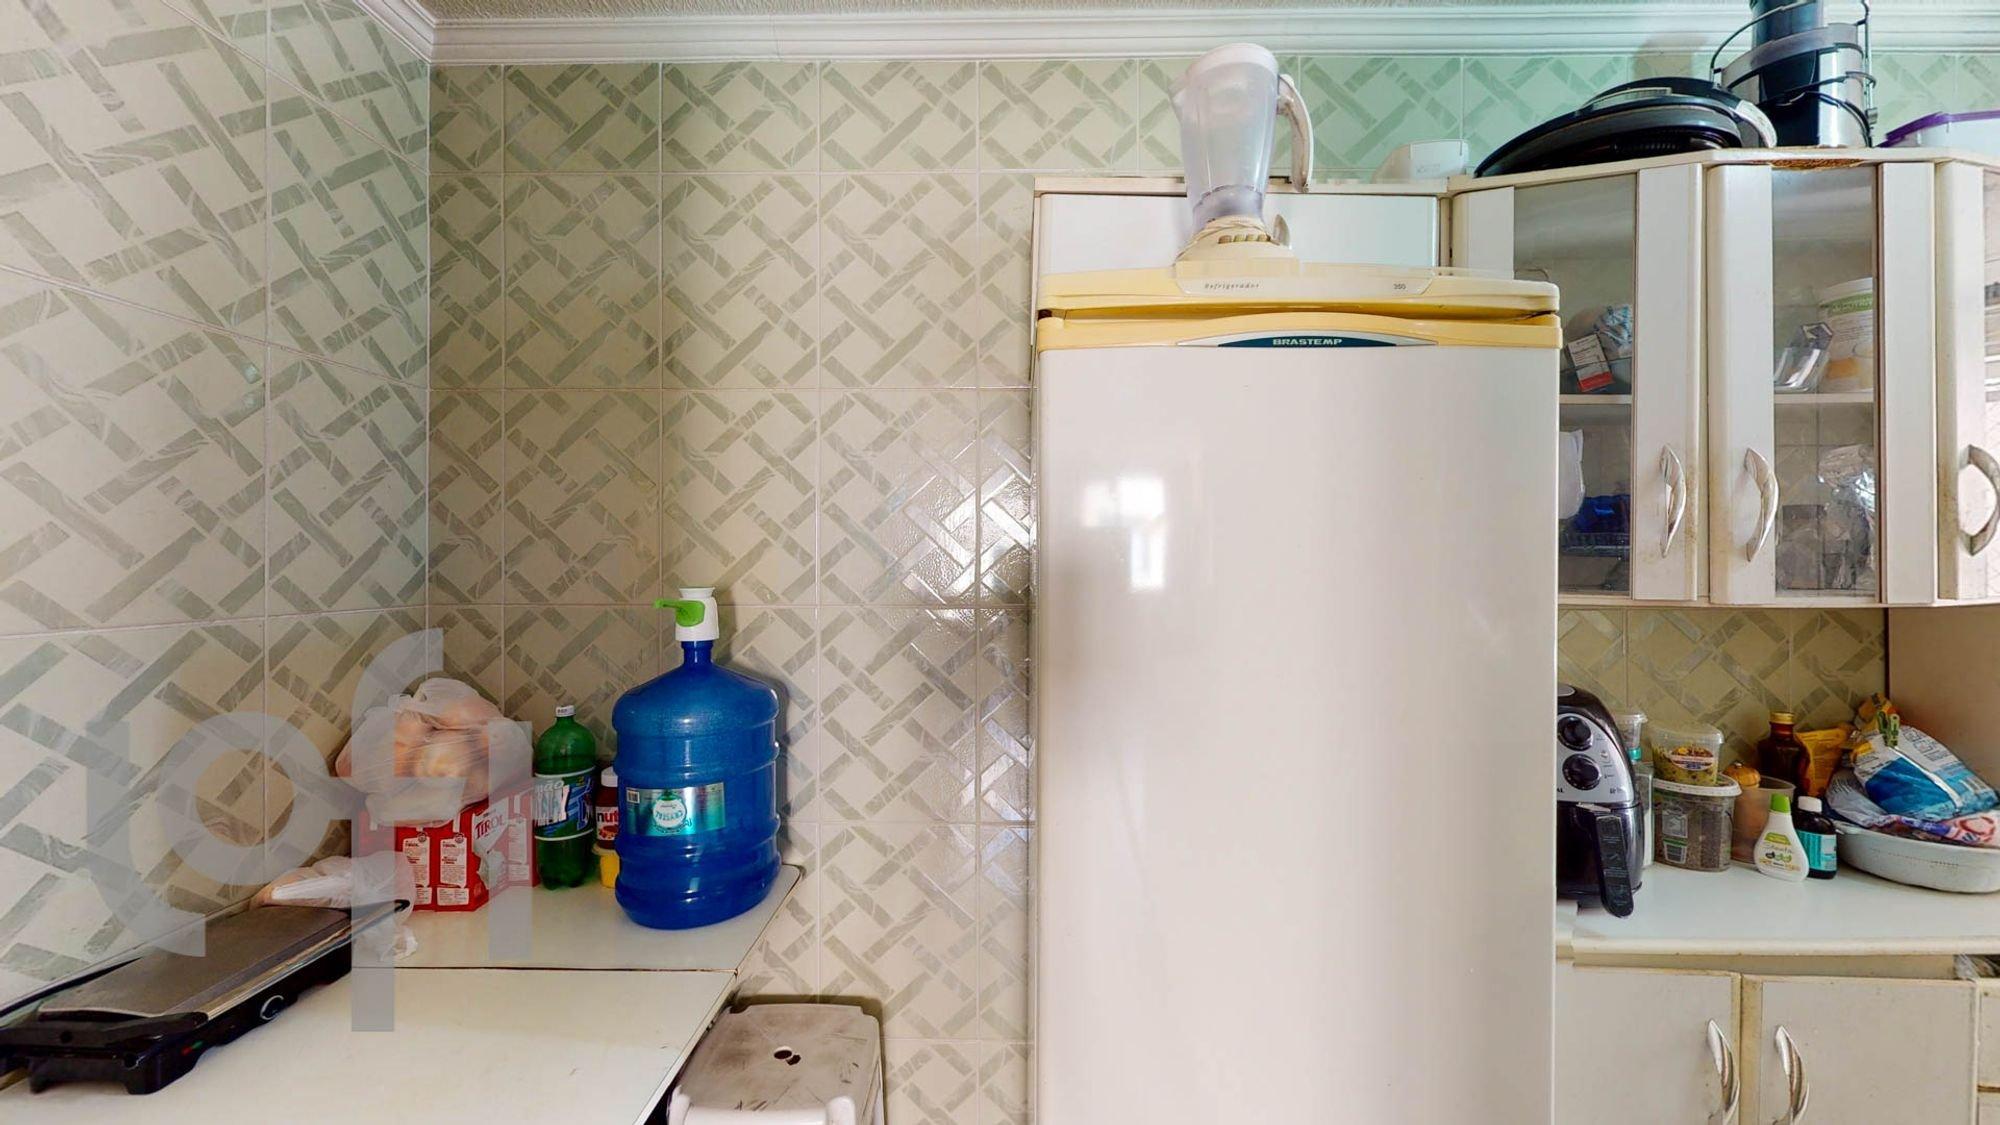 Foto de Cozinha com tigela, garrafa